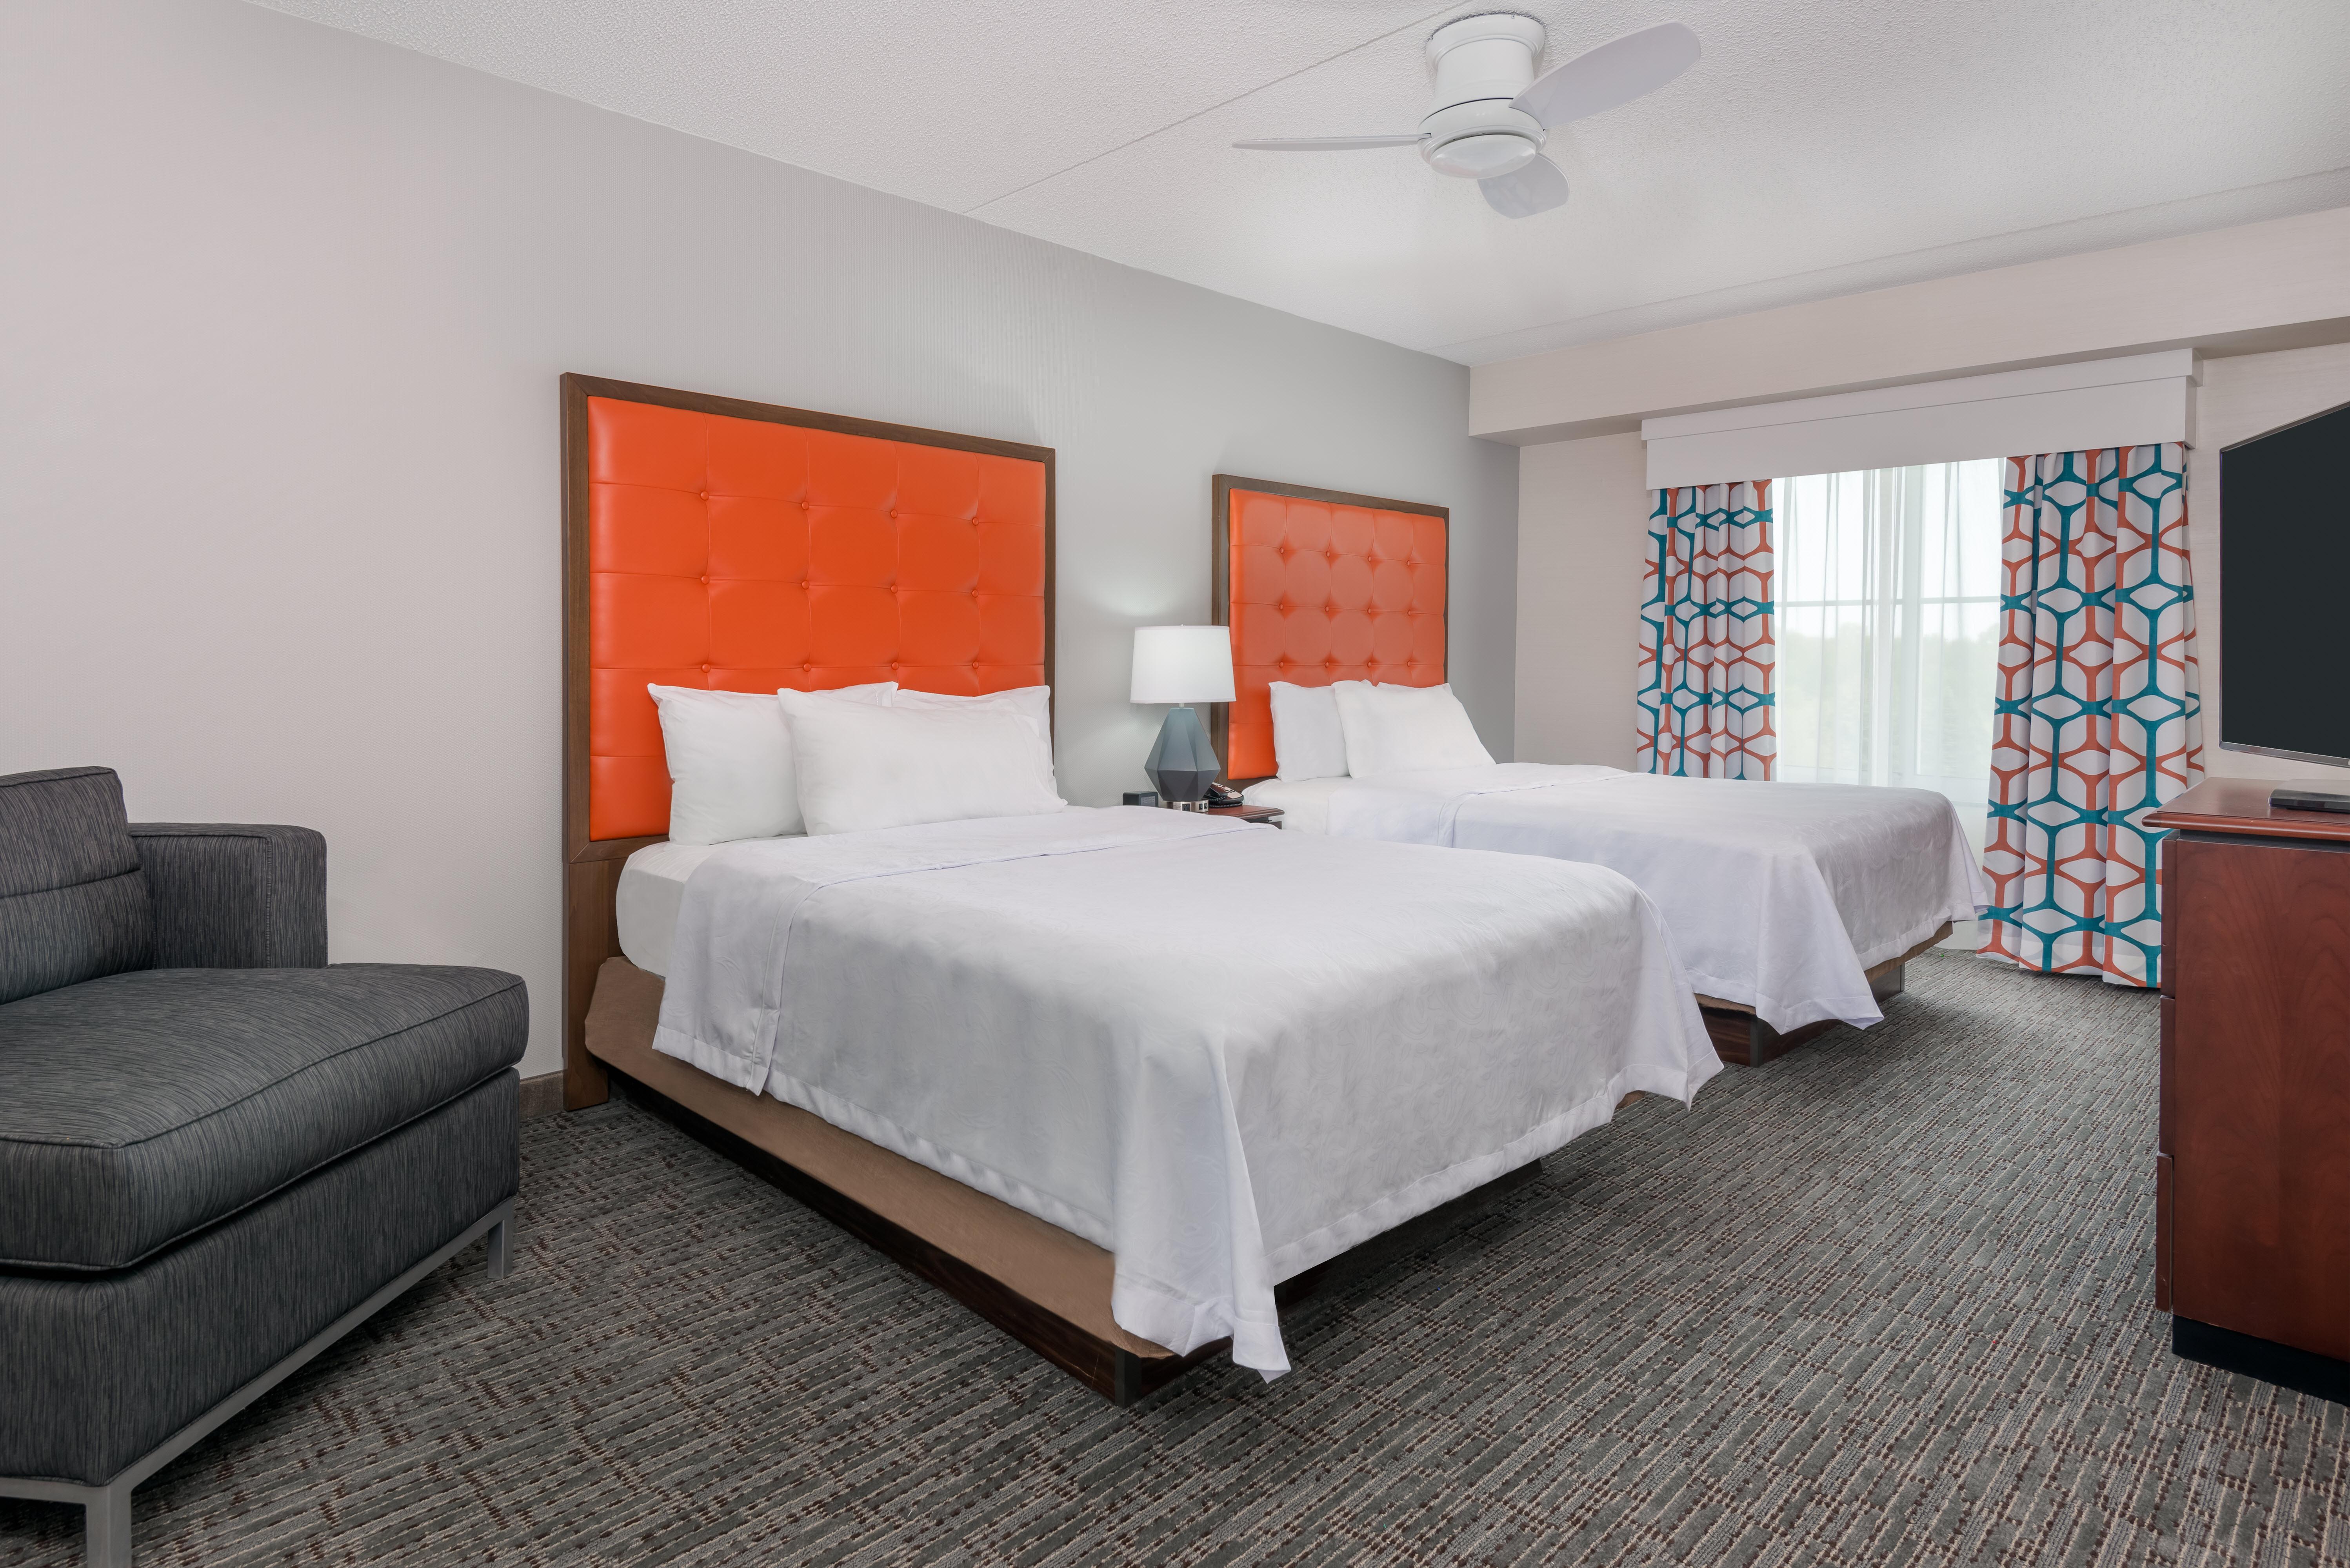 Homewood Suites by Hilton Cleveland-Beachwood image 2